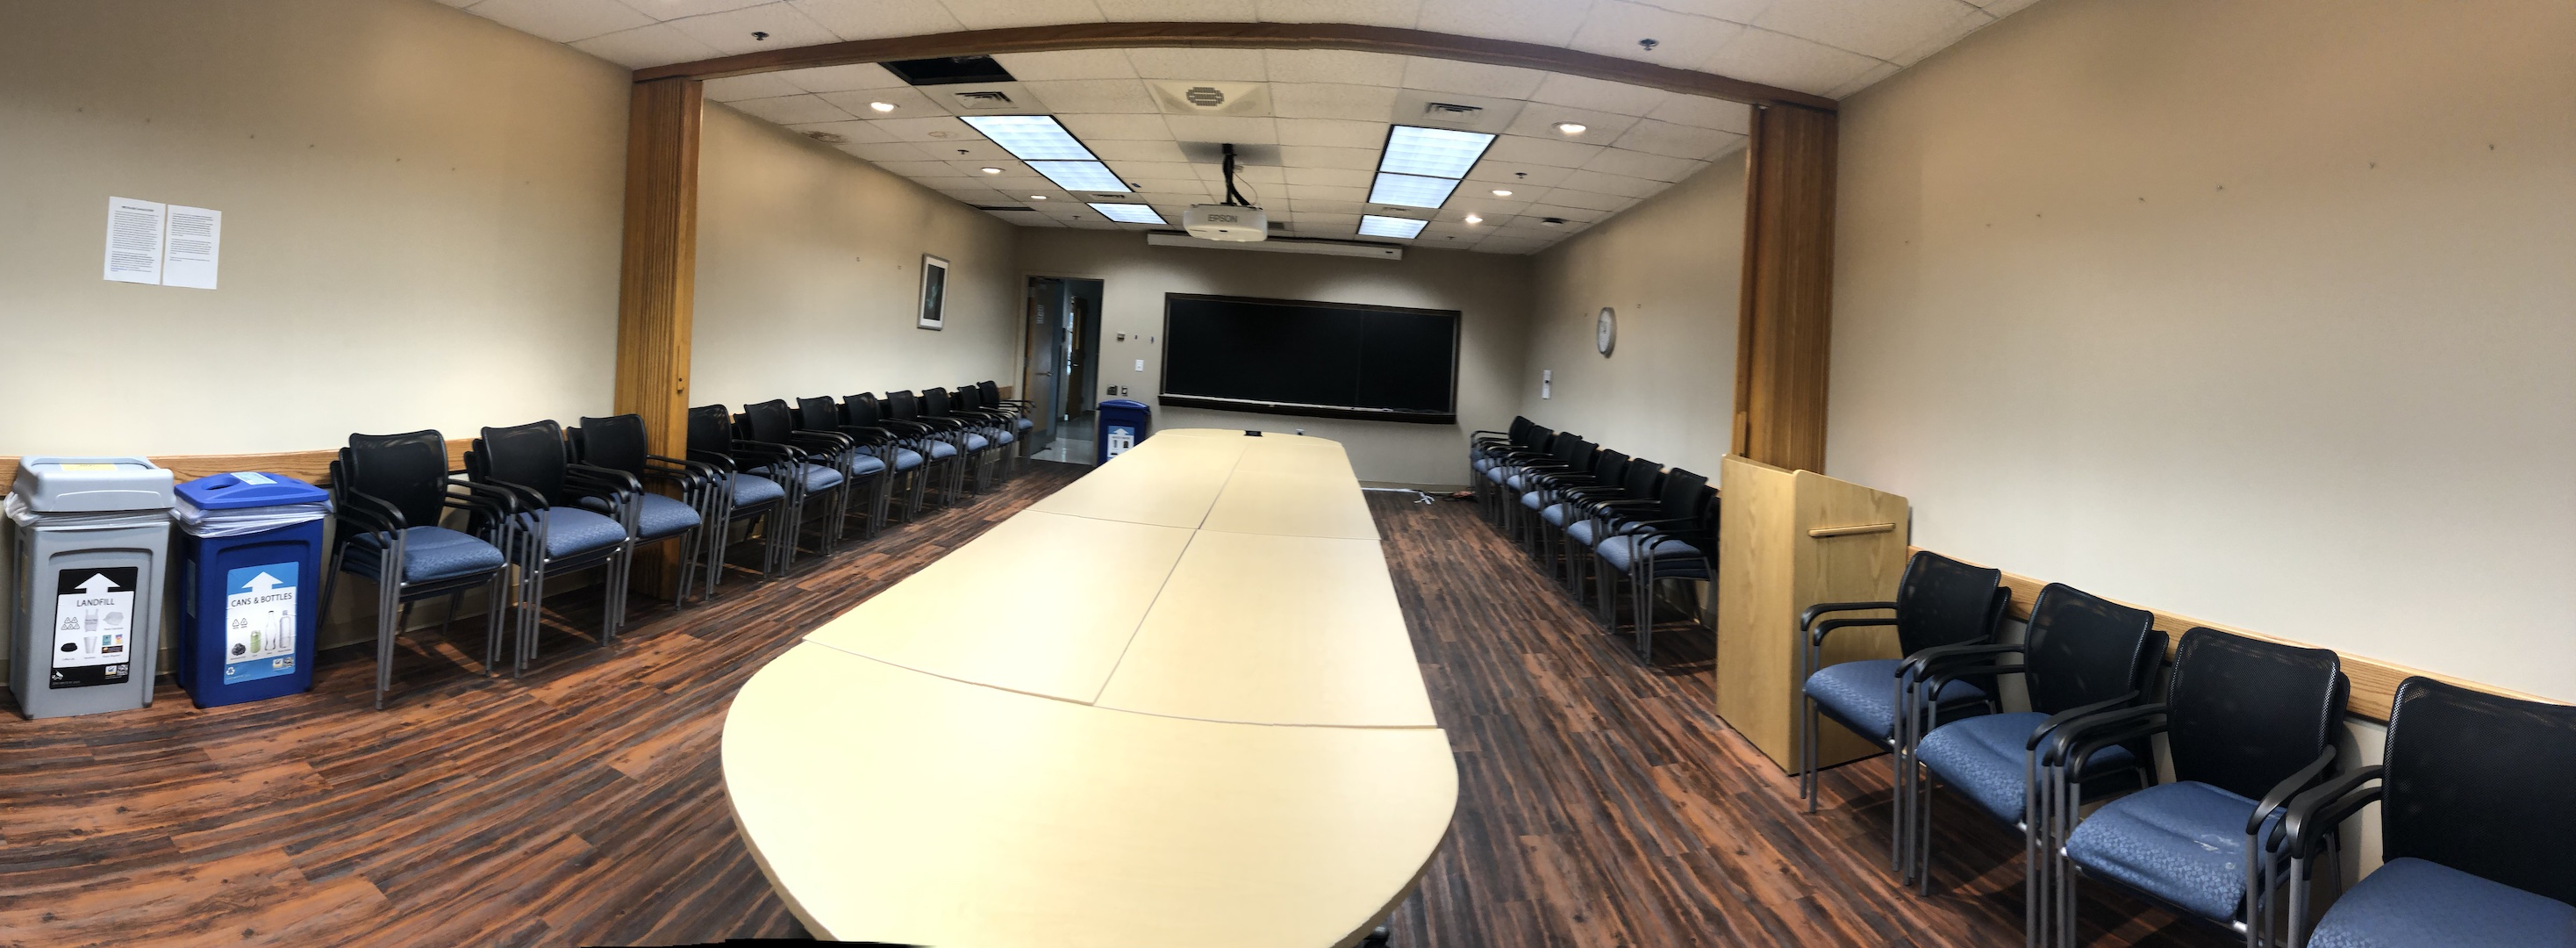 Koshland Hall 338 Conference Room Layout Photo